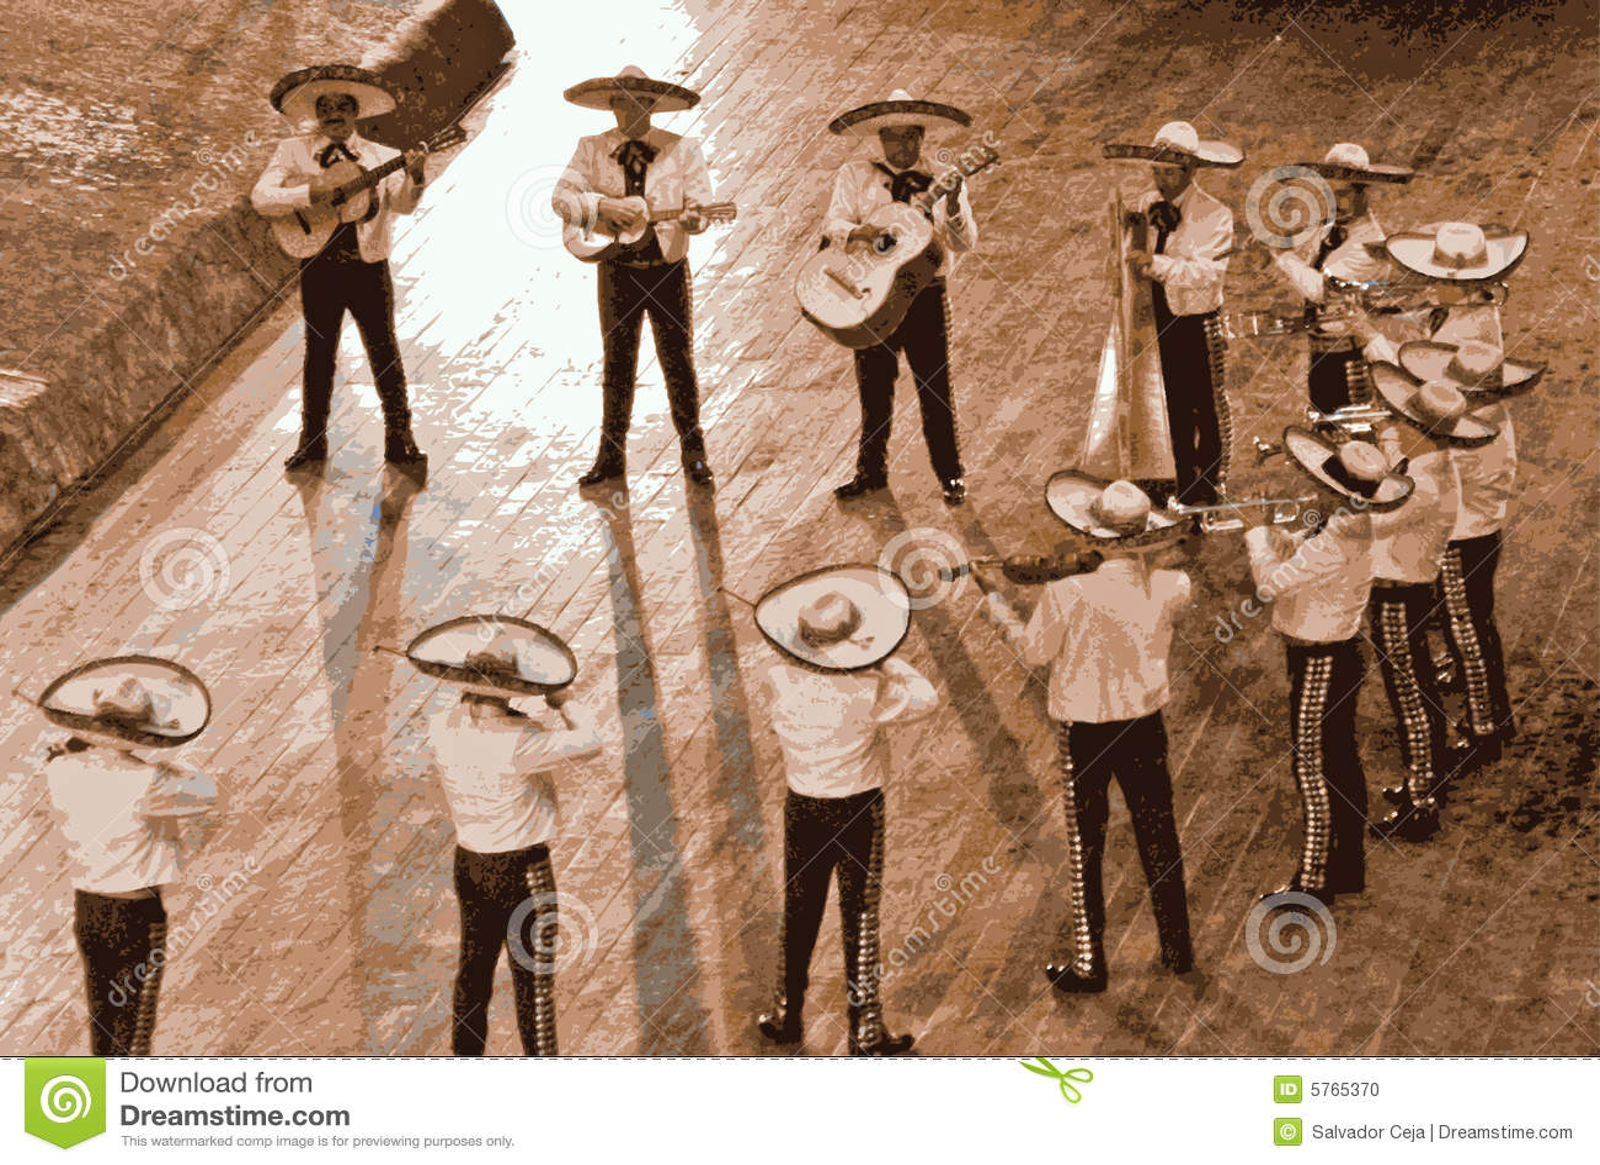 Grande mariachi, México